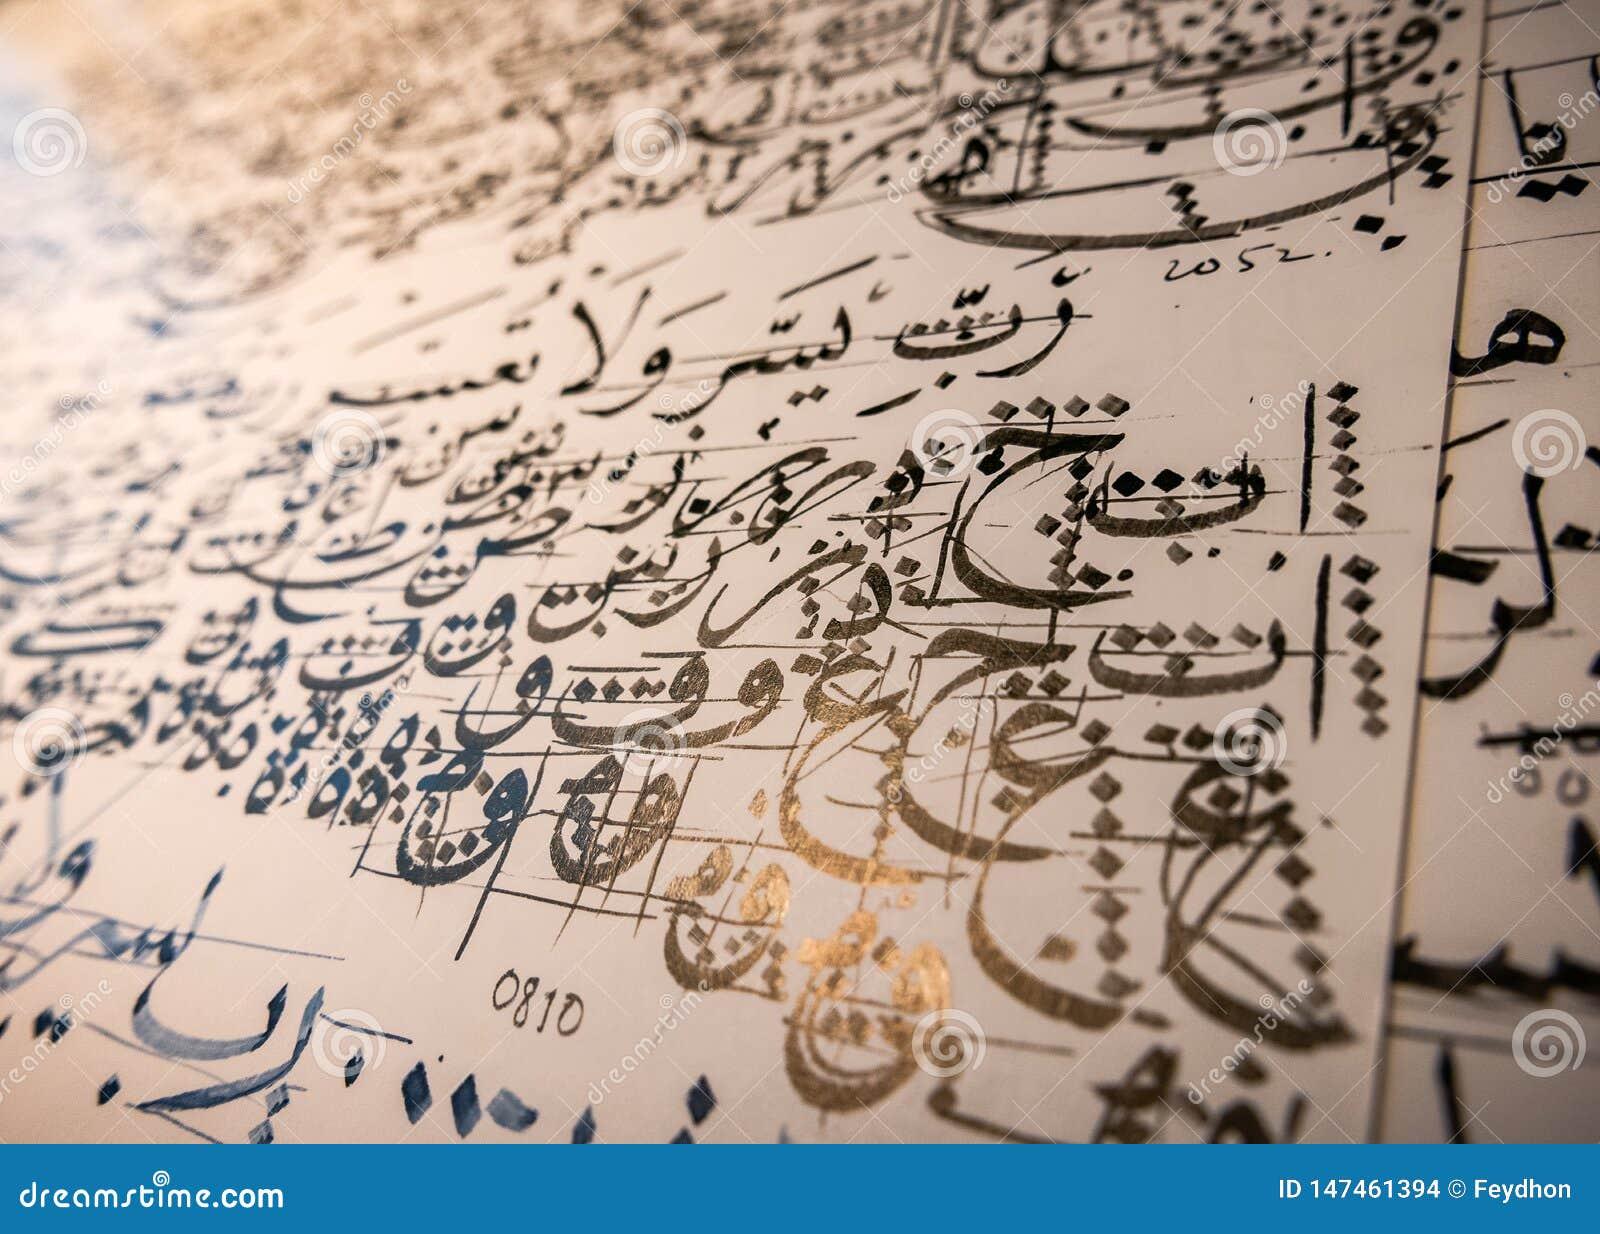 De Arabische en Islamitische praktijk van kalligrafie traditionele khat in zwarte inkt